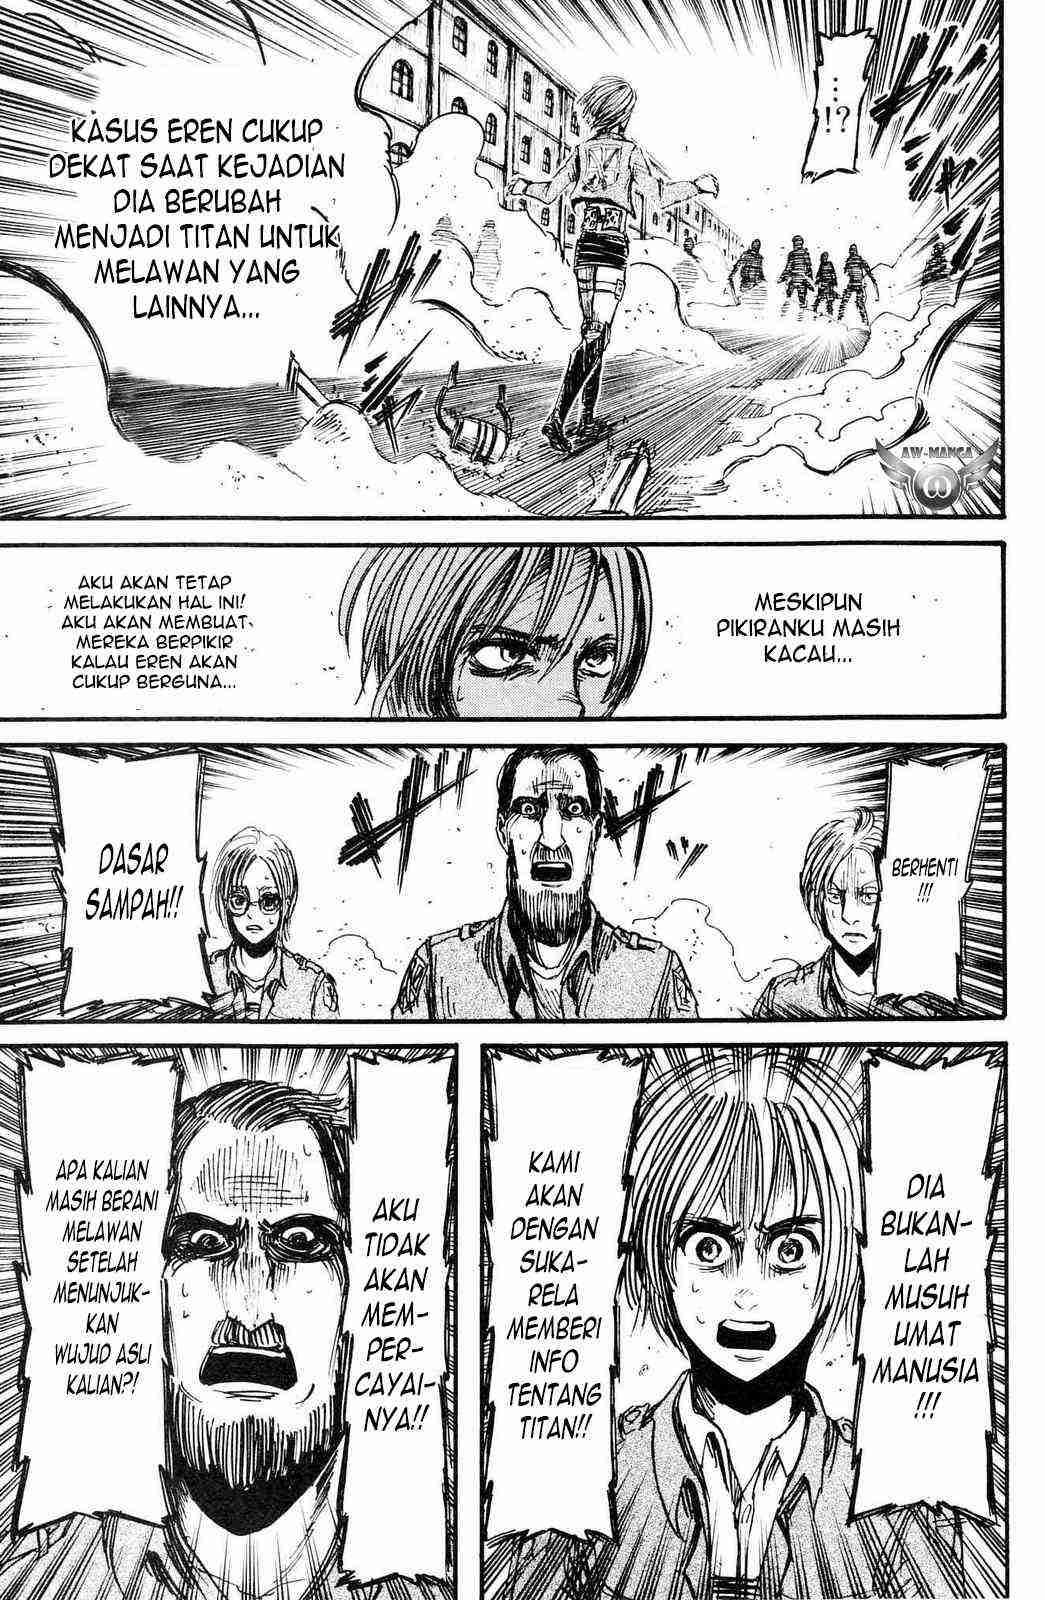 Komik shingeki no kyojin 011 12 Indonesia shingeki no kyojin 011 Terbaru 35 Baca Manga Komik Indonesia 